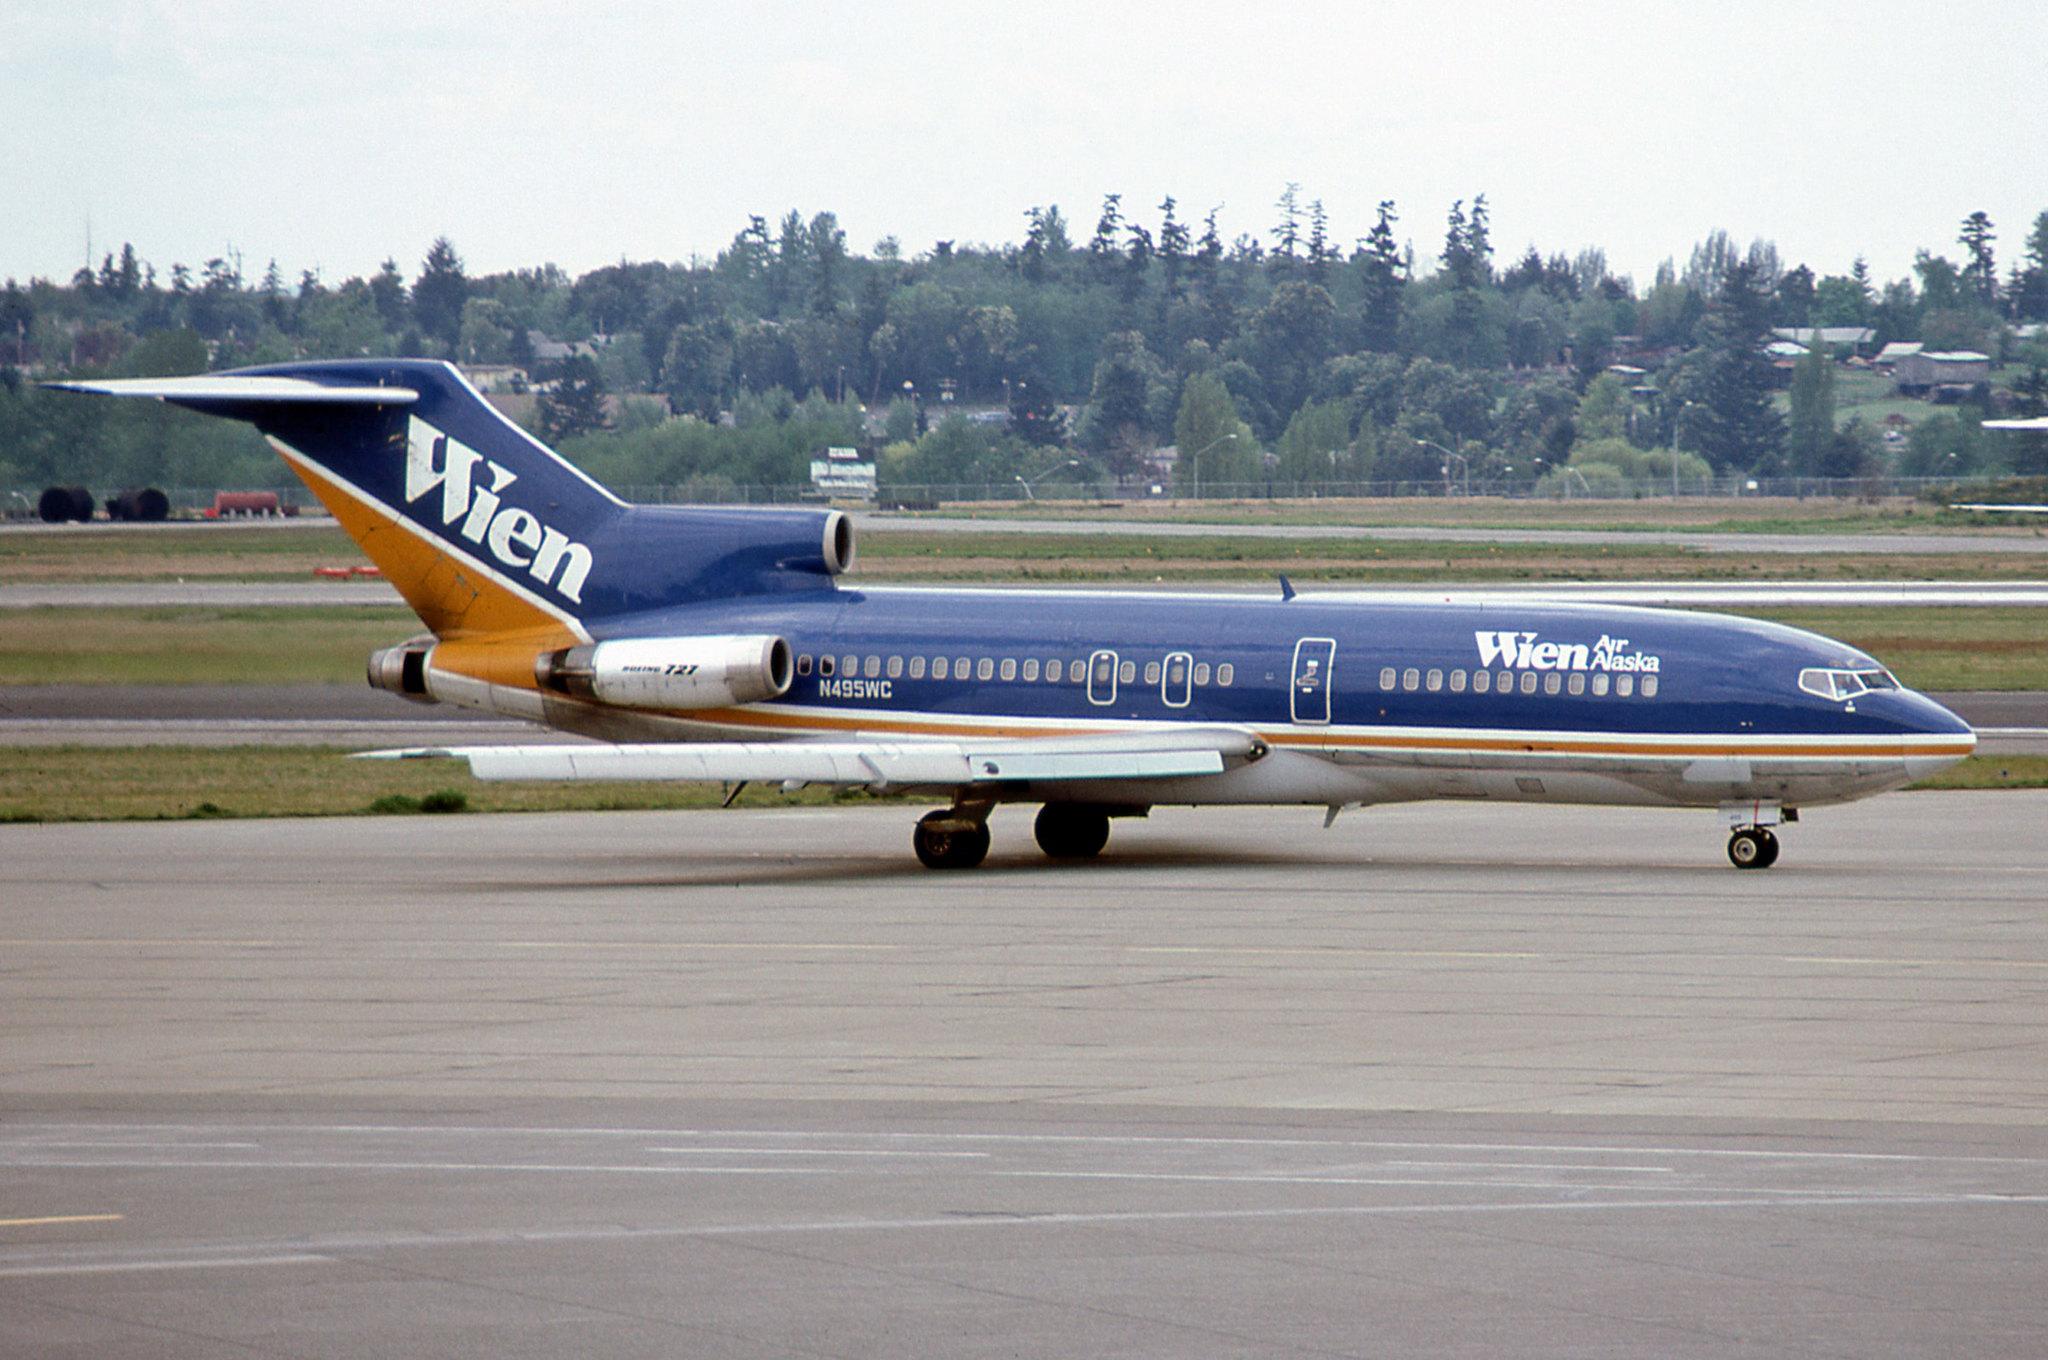 Wien Air Alaska Videos Vintage Airliners